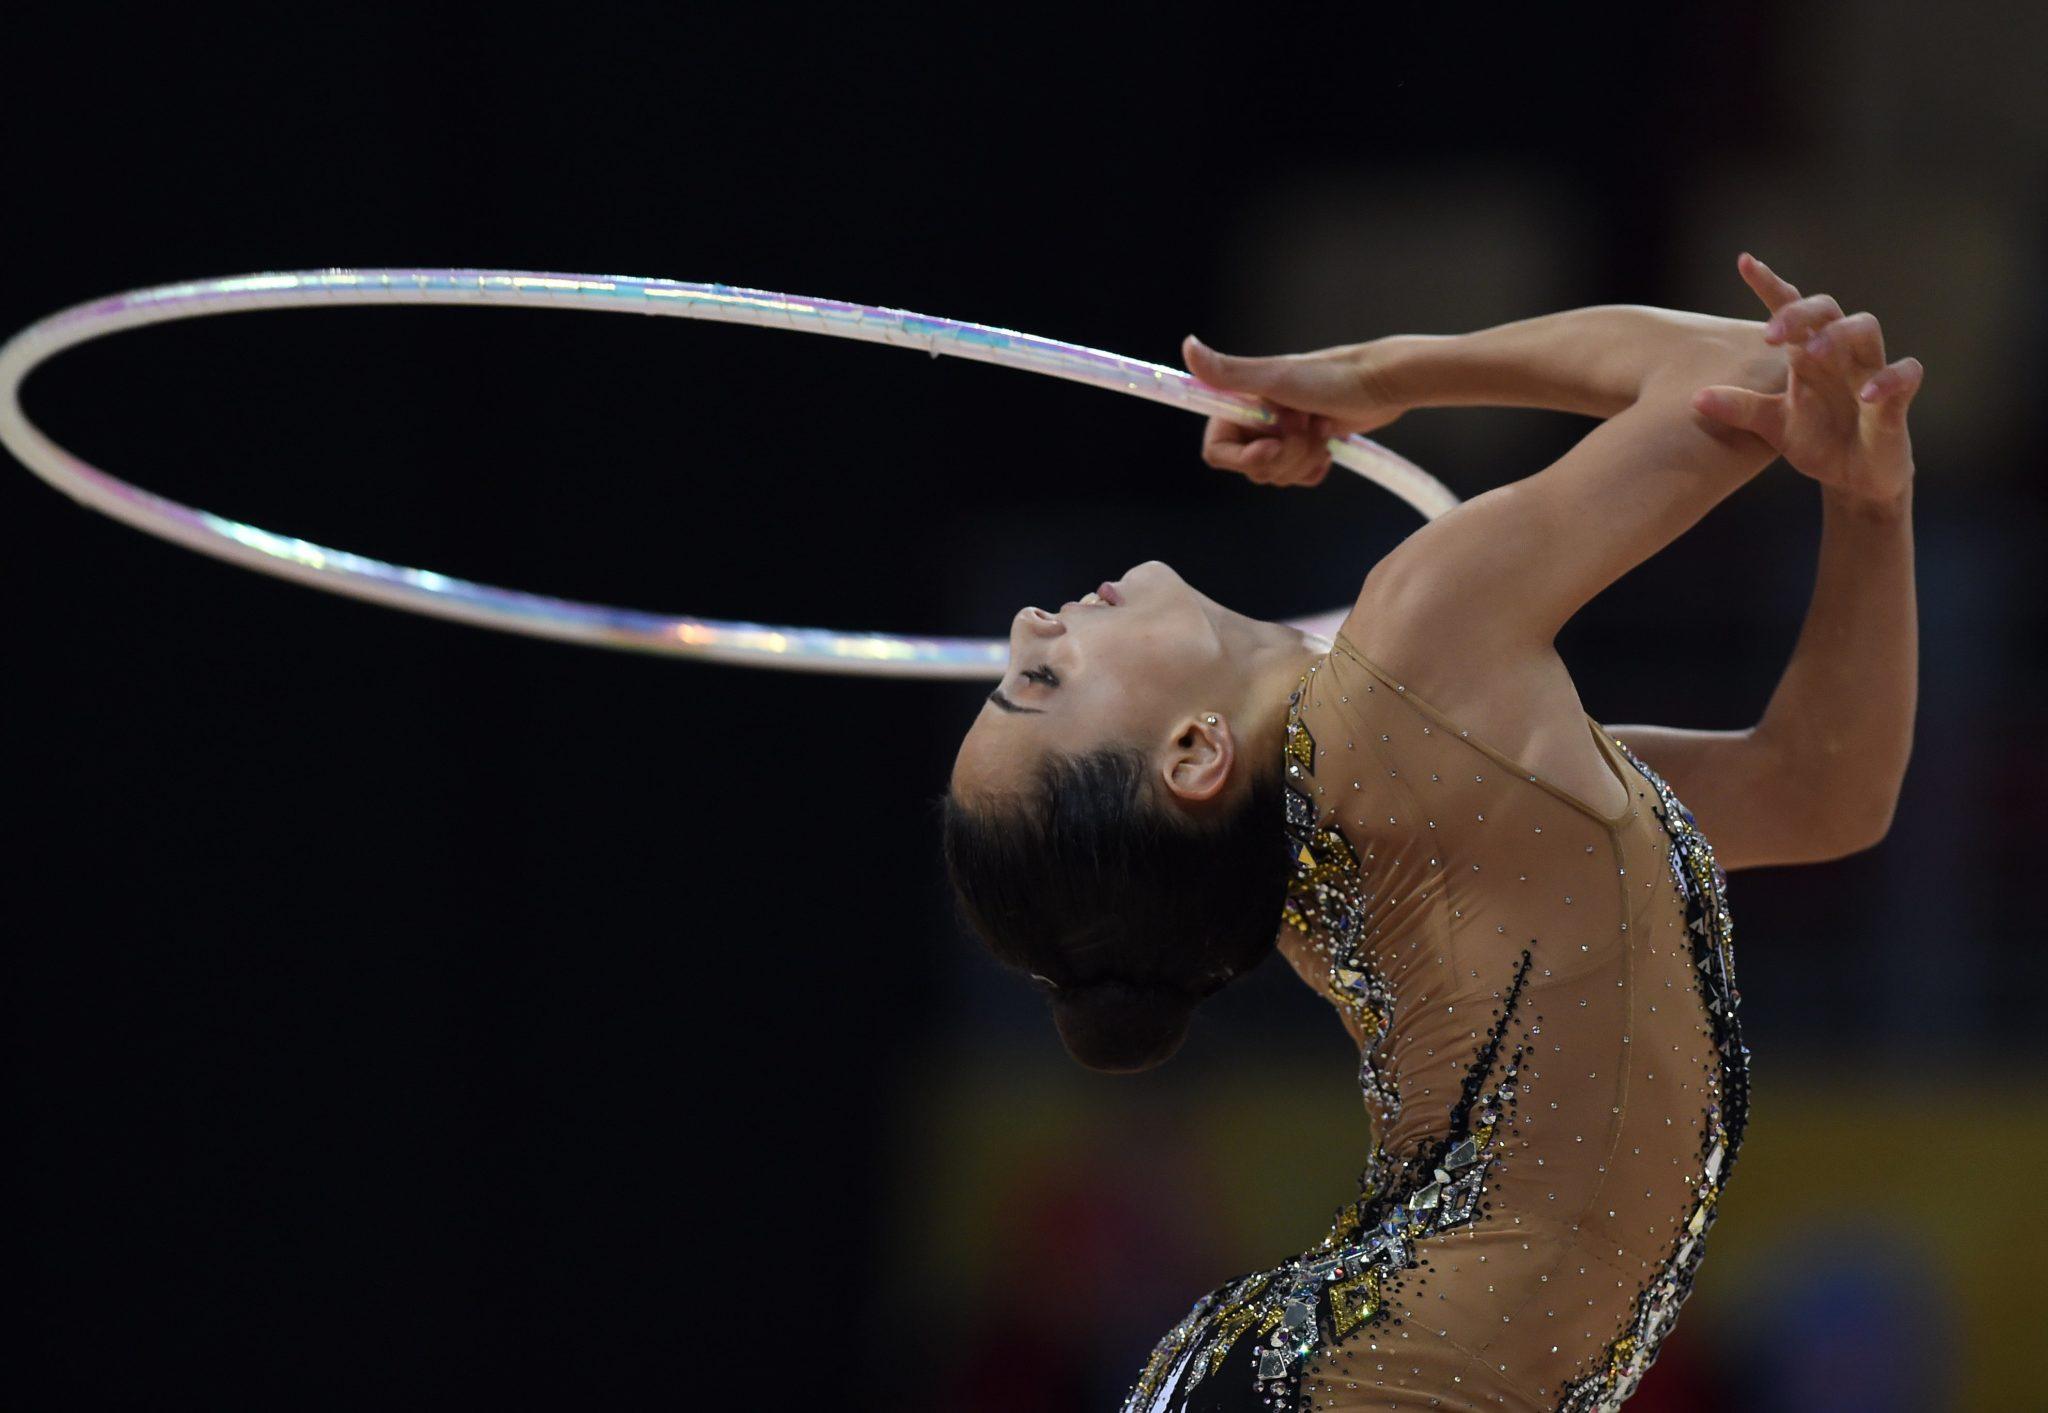 Bułgaria: Linoy Ashram z Izraela podczas finału Hoop na 36. Mistrzostwach Świata w Gimnastyce Rytmicznej w Sofii, fot. Borislav Troshev, PAP/EPA